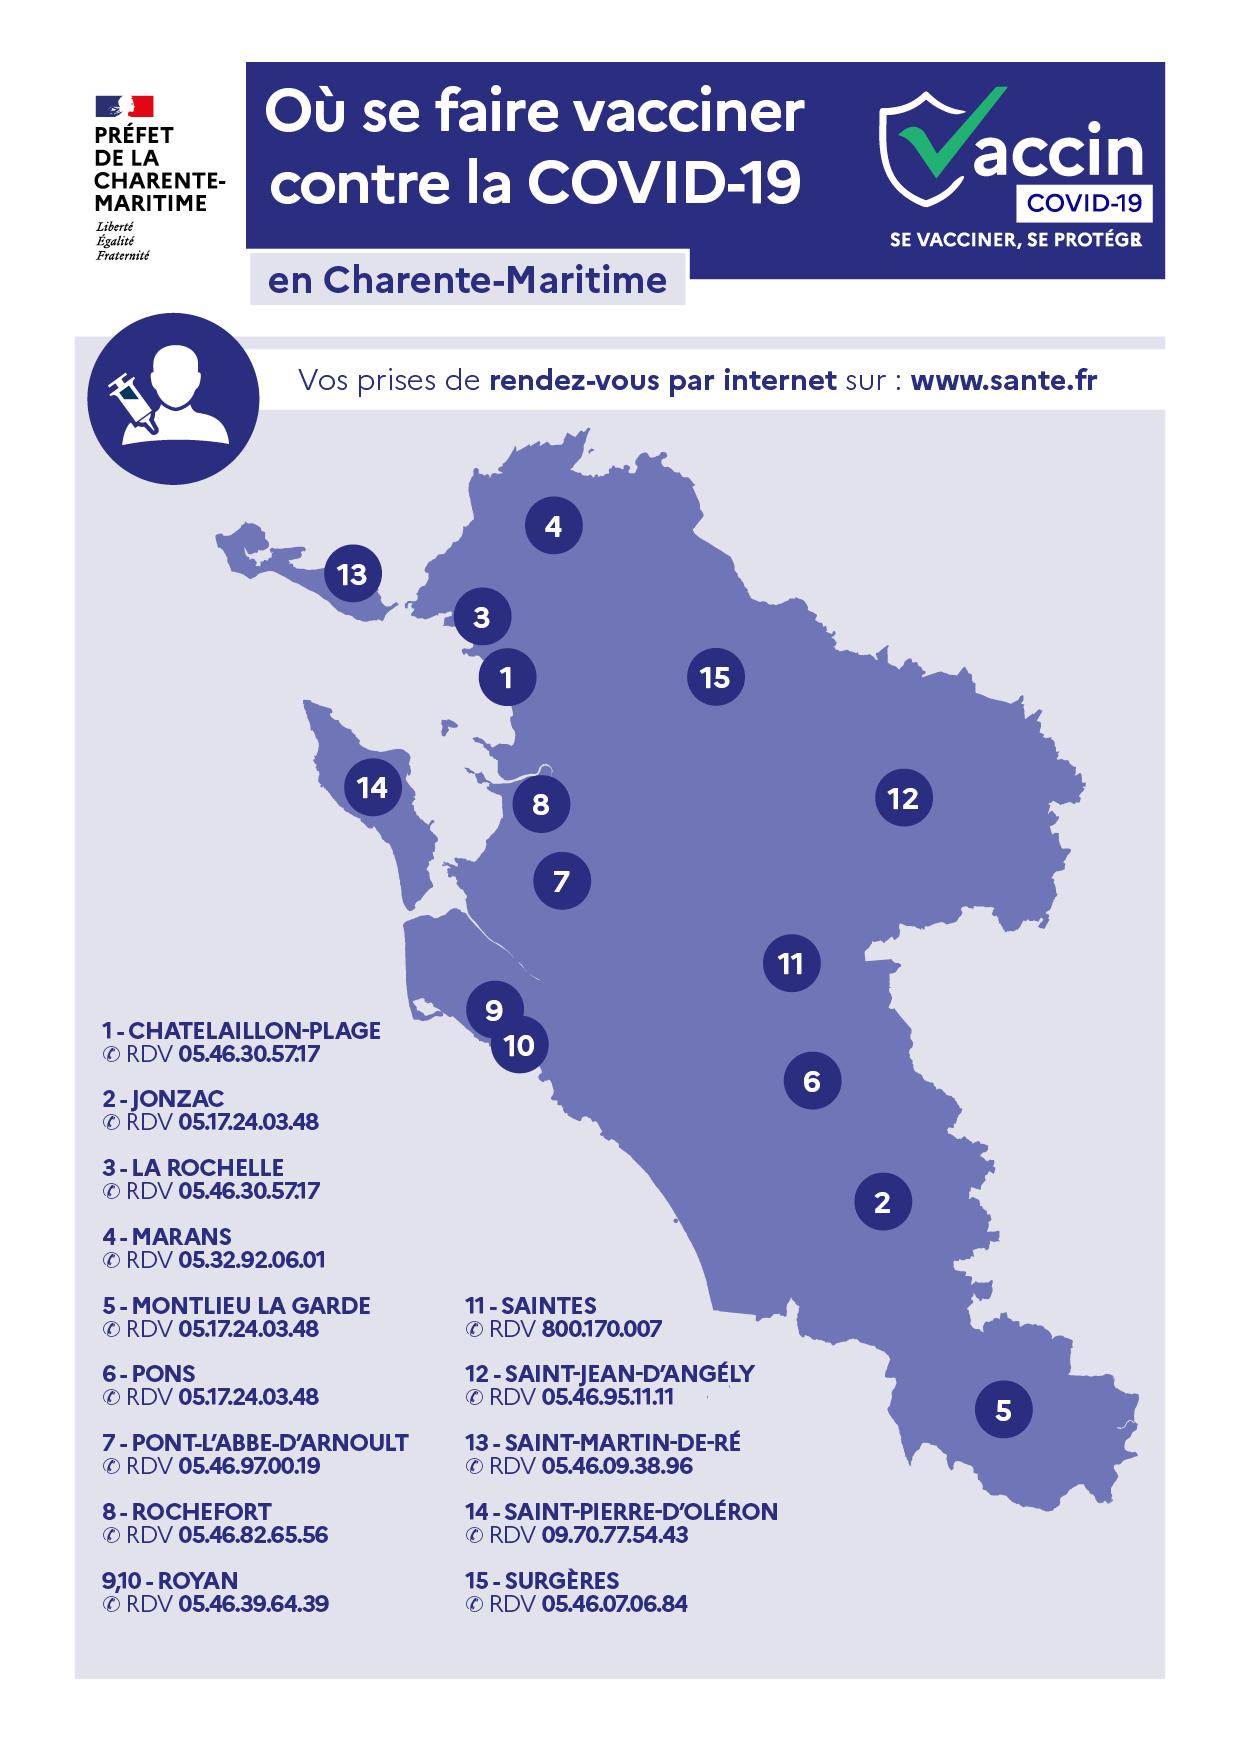 CAMPAGNE DE VACCINATION EN CHARENTE-MARITIME